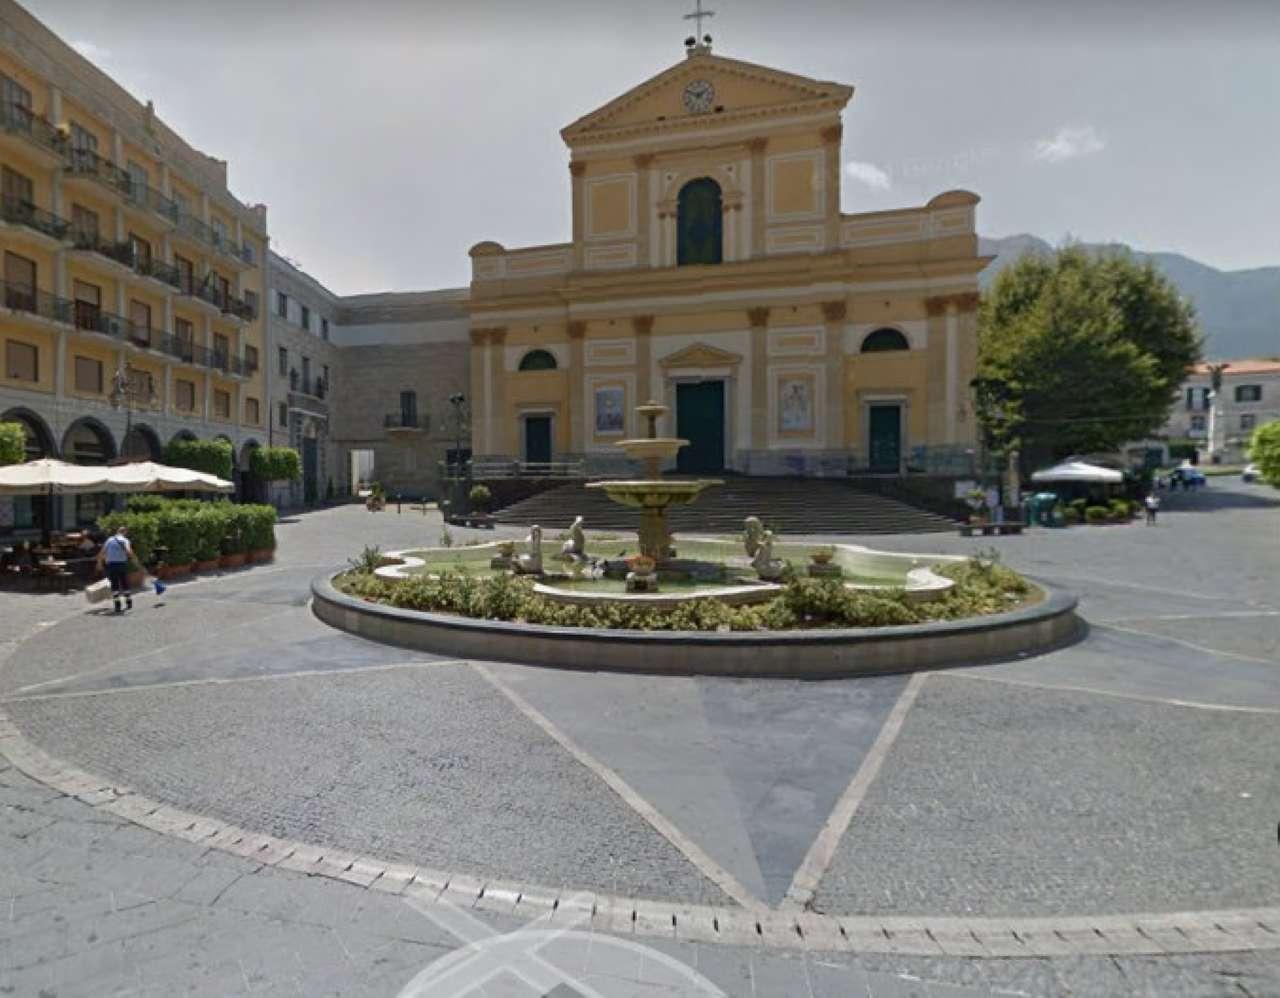 Attività / Licenza in vendita a Cava de' Tirreni, 1 locali, prezzo € 100.000 | CambioCasa.it